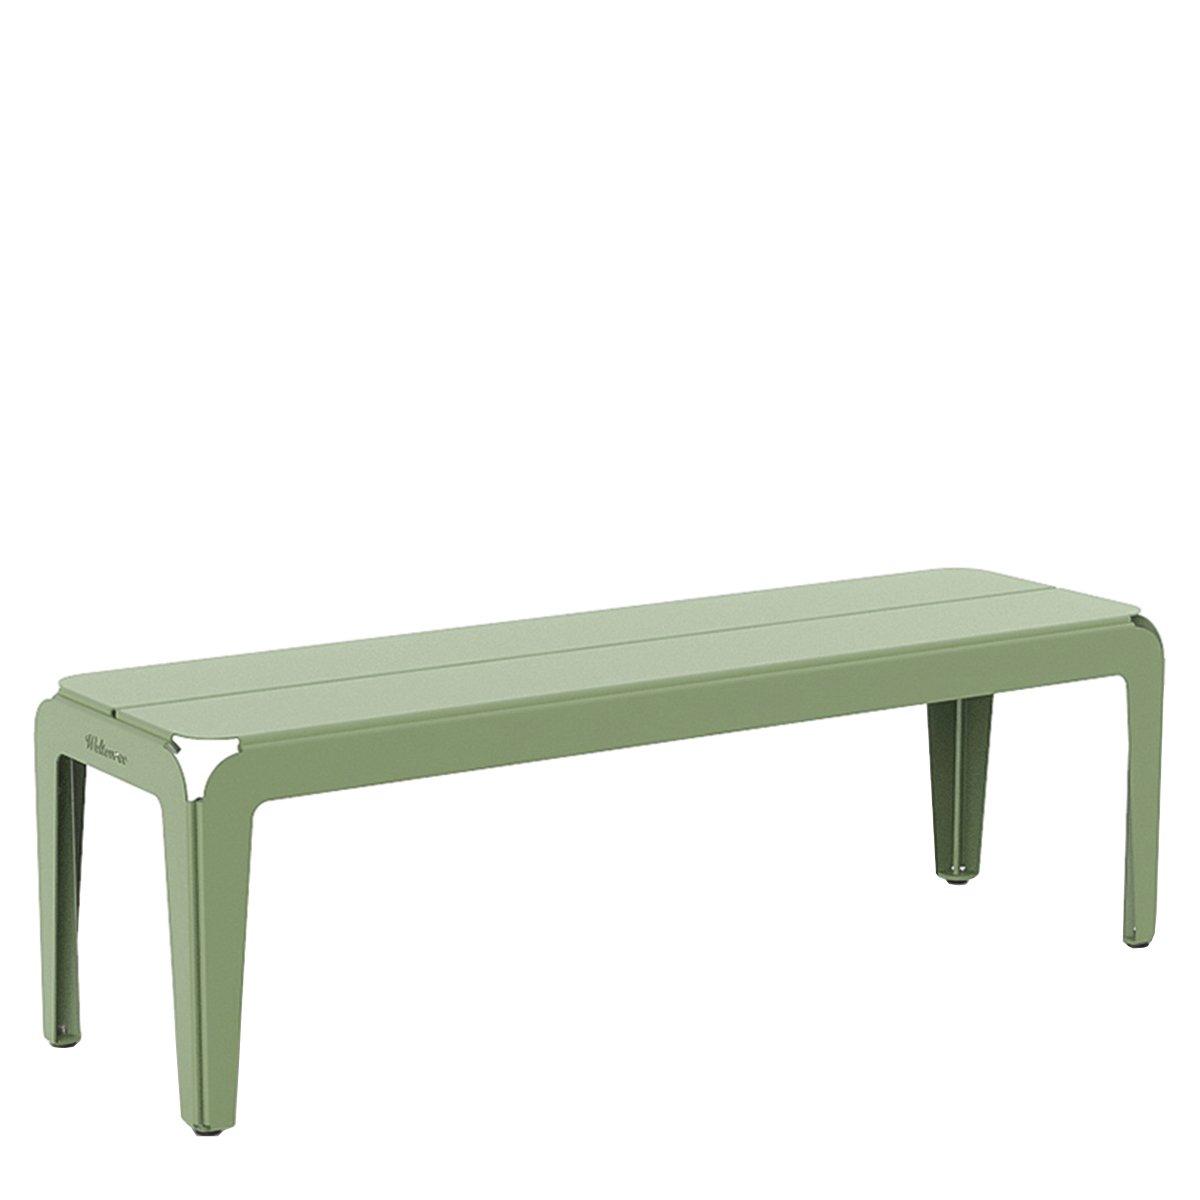 Weltevree Bended Bank - Pale Green